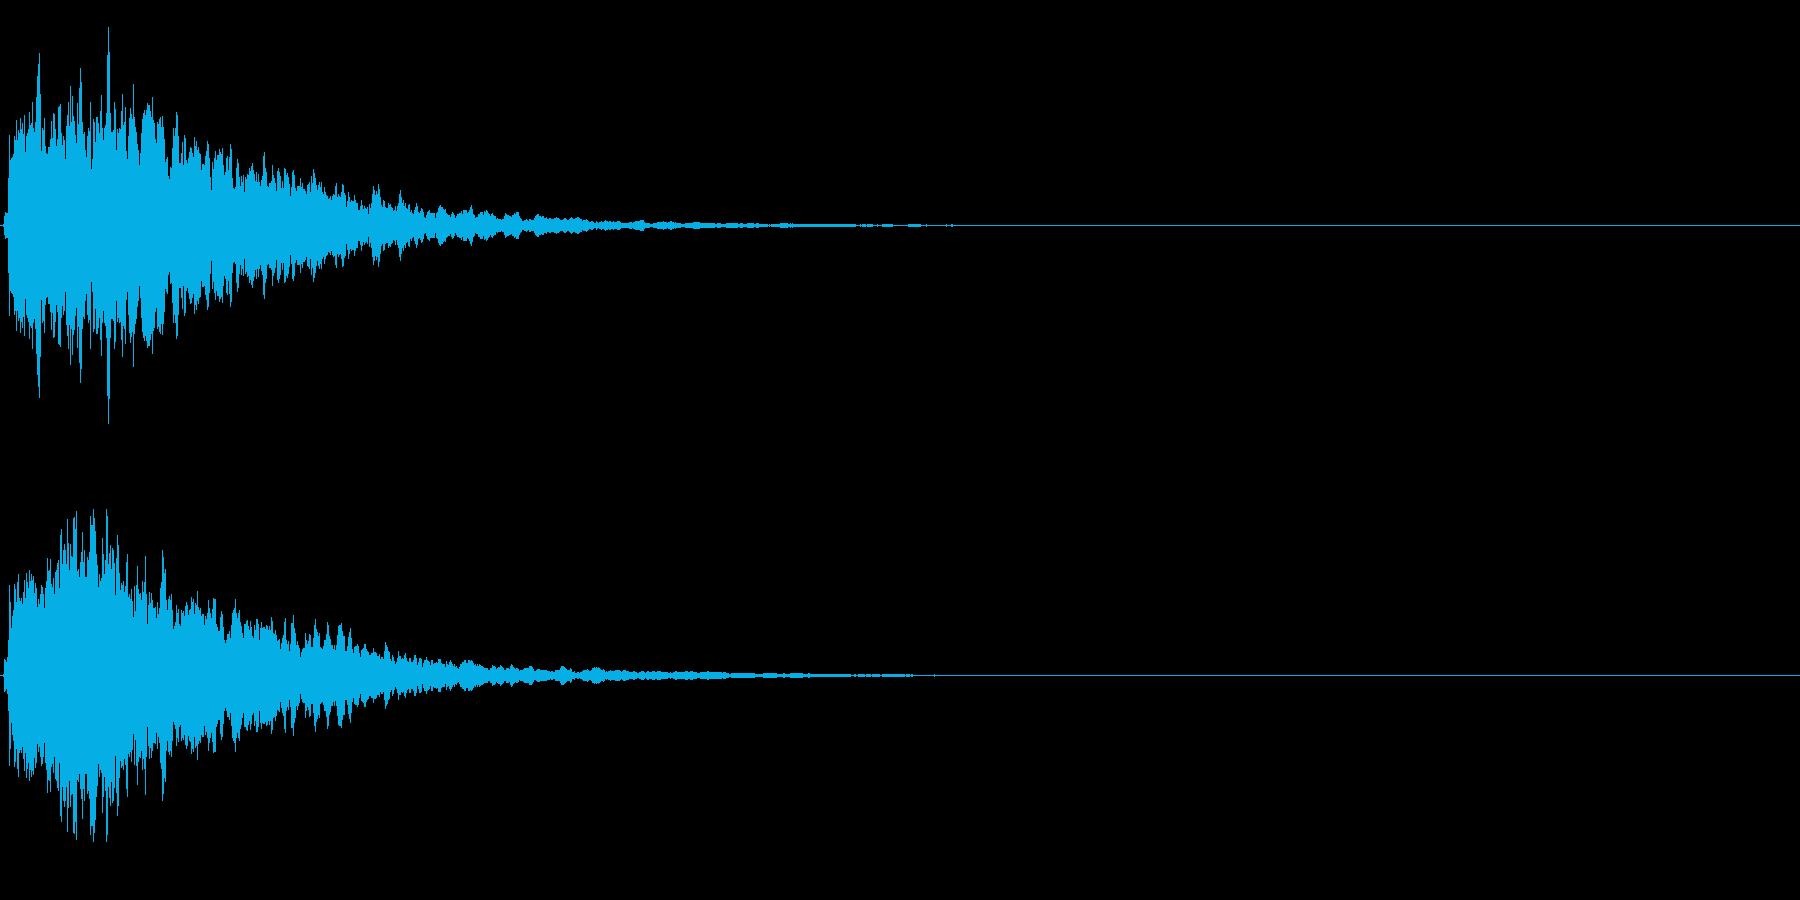 ゲームスタート、決定、ボタン音-087の再生済みの波形